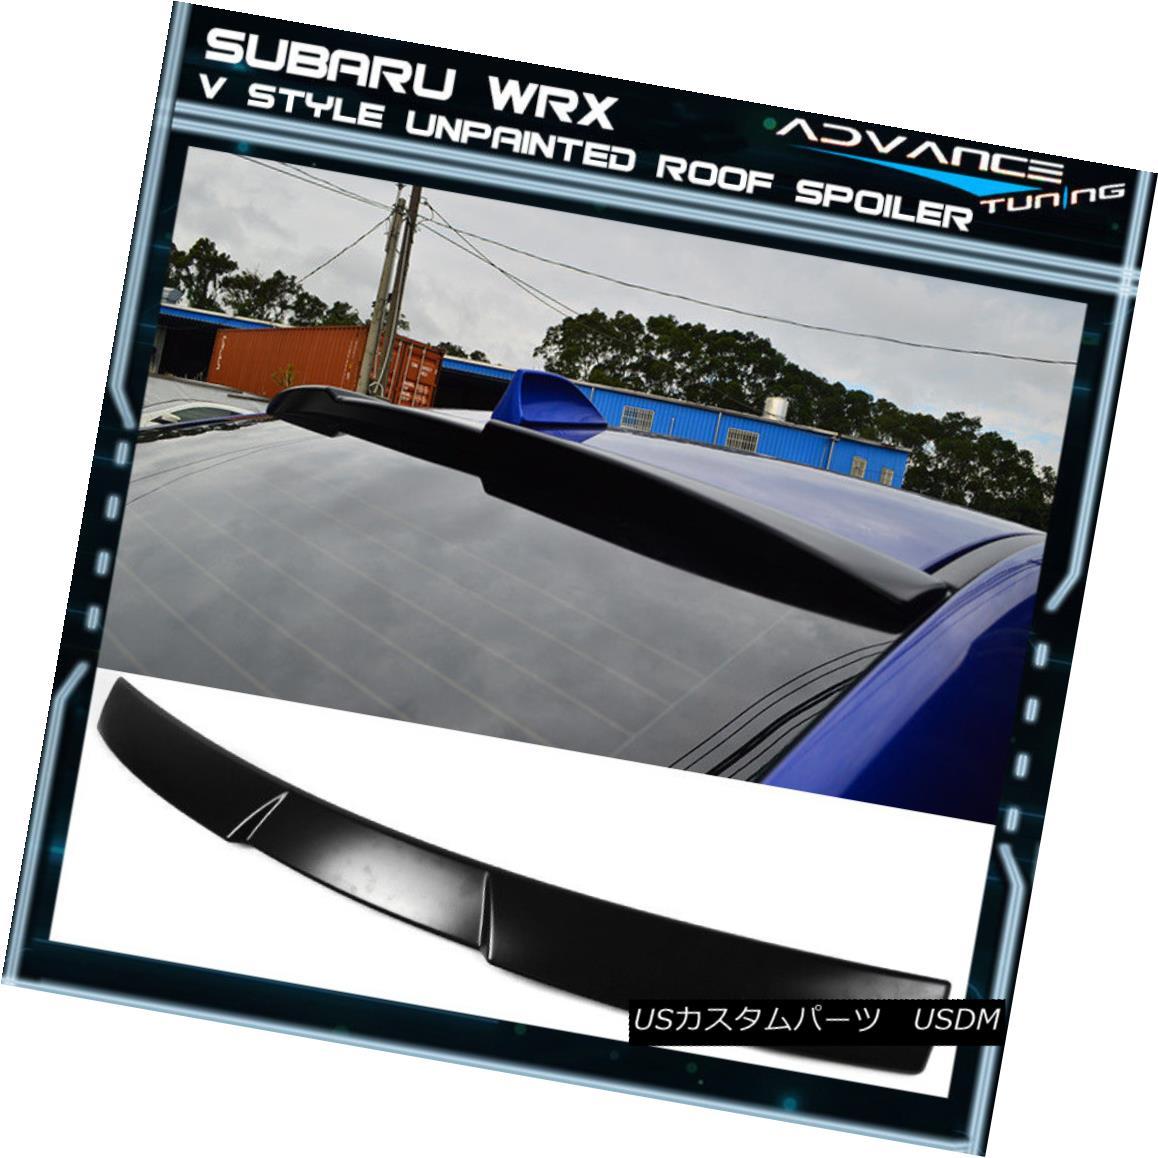 エアロパーツ Fits 15-18 Subaru Impreza WRX STI V Style Unpainted Roof Spoiler - ABS フィット15-18スバルインプレッサWRX STI Vスタイル無塗装ルーフスポイラー - ABS